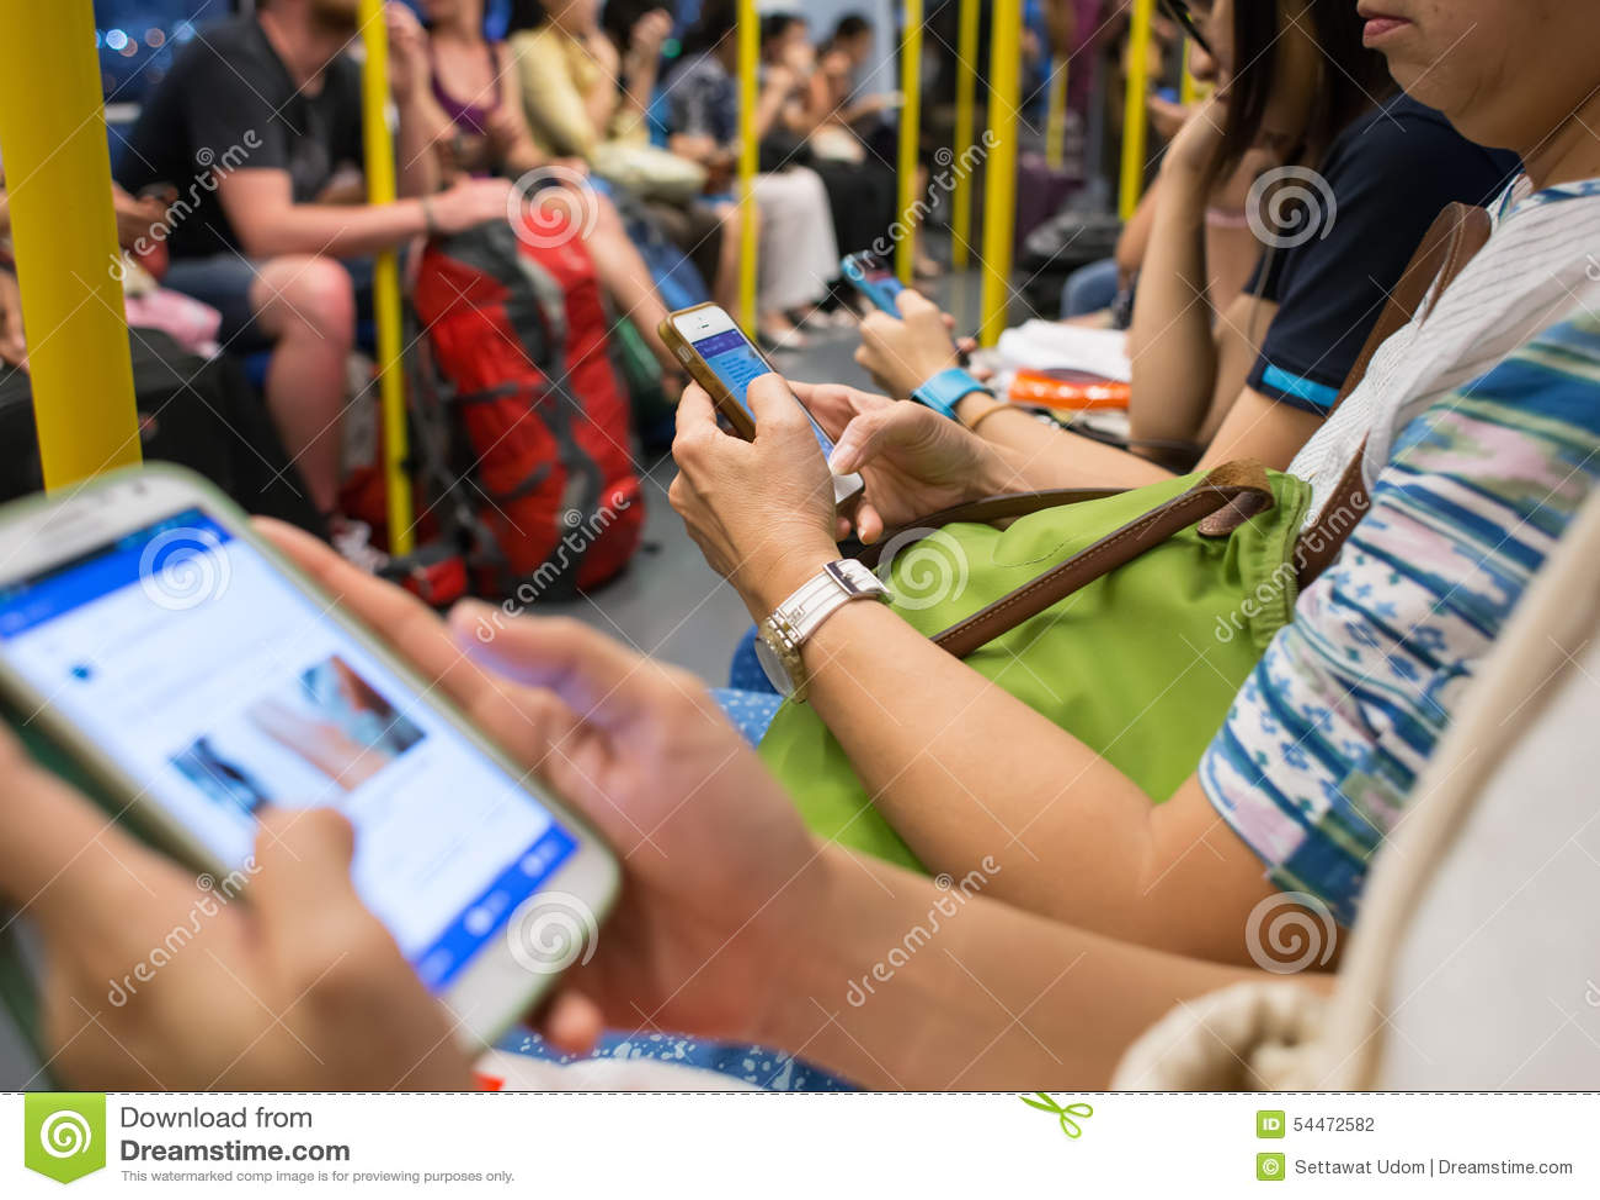 Unbekannte Leute Benutzen Handy Whrend Reise Mit Der UBahn Redaktionelles Stockfotografie